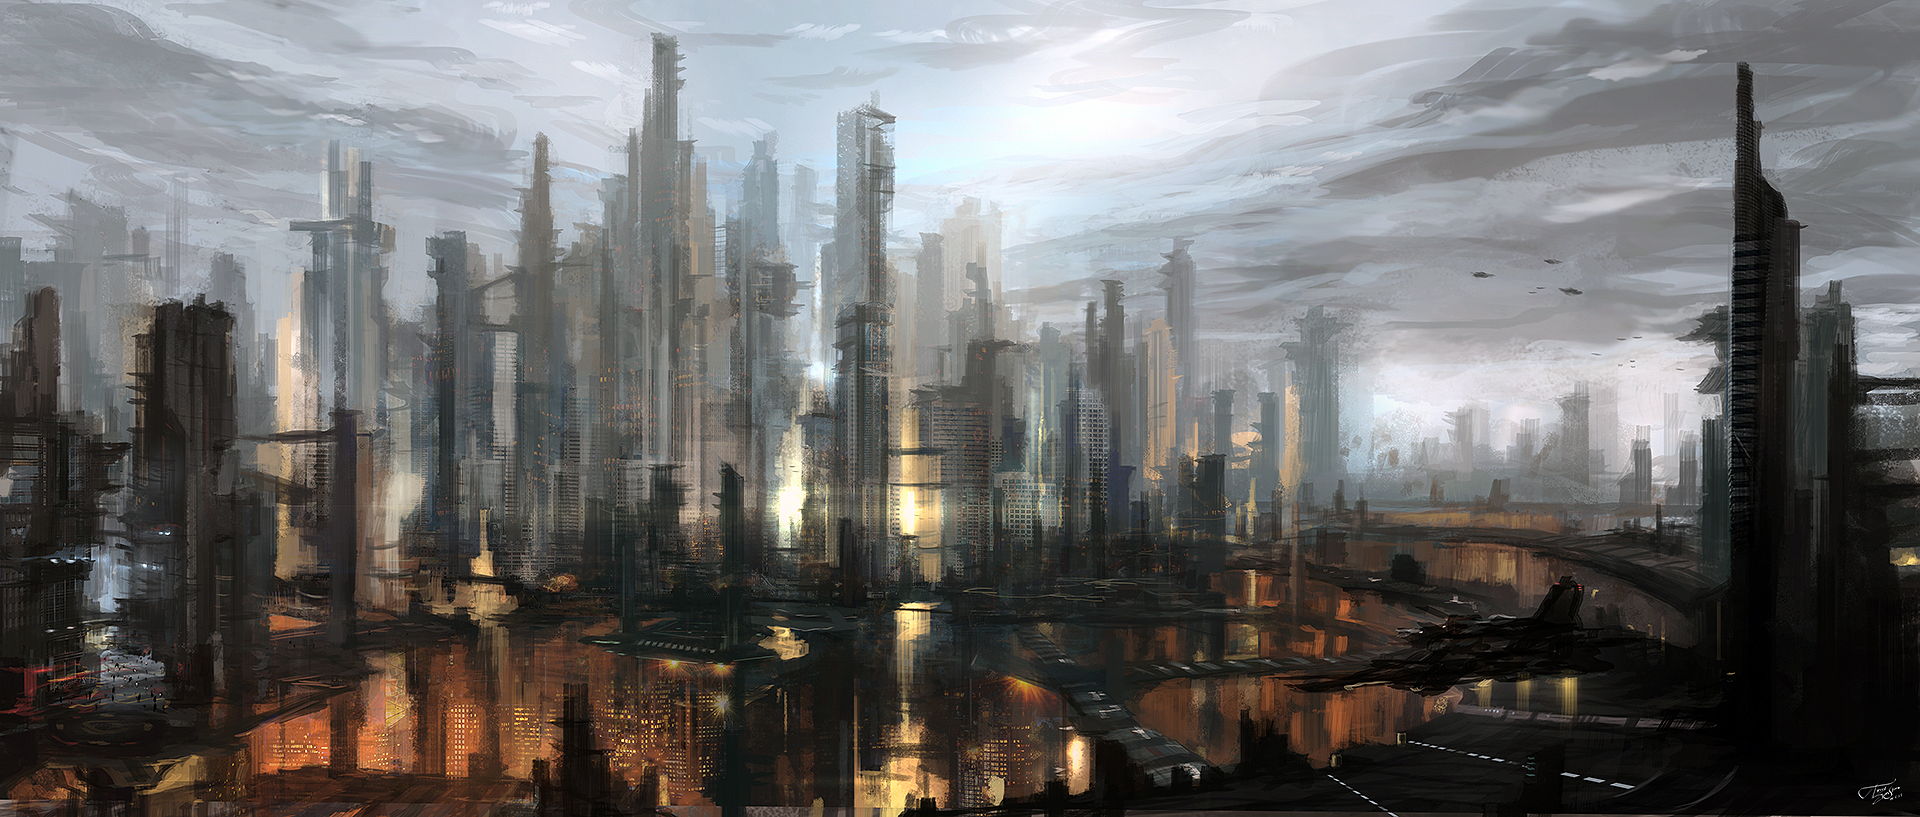 cityscape by tnounsy